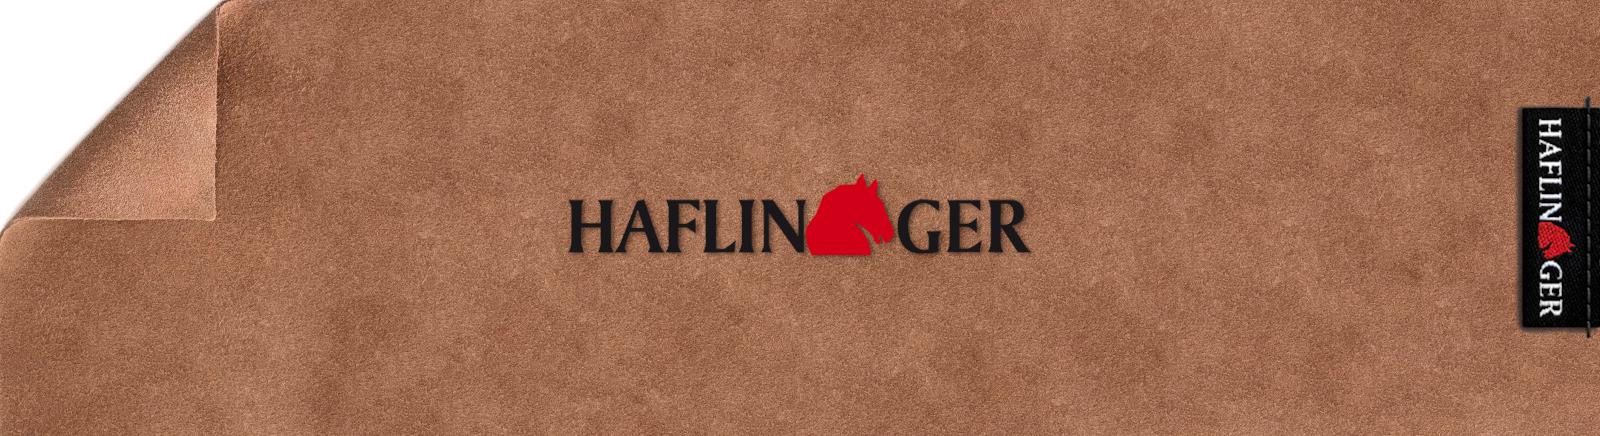 Prange: Haflinger Herrenschuhe online shoppen